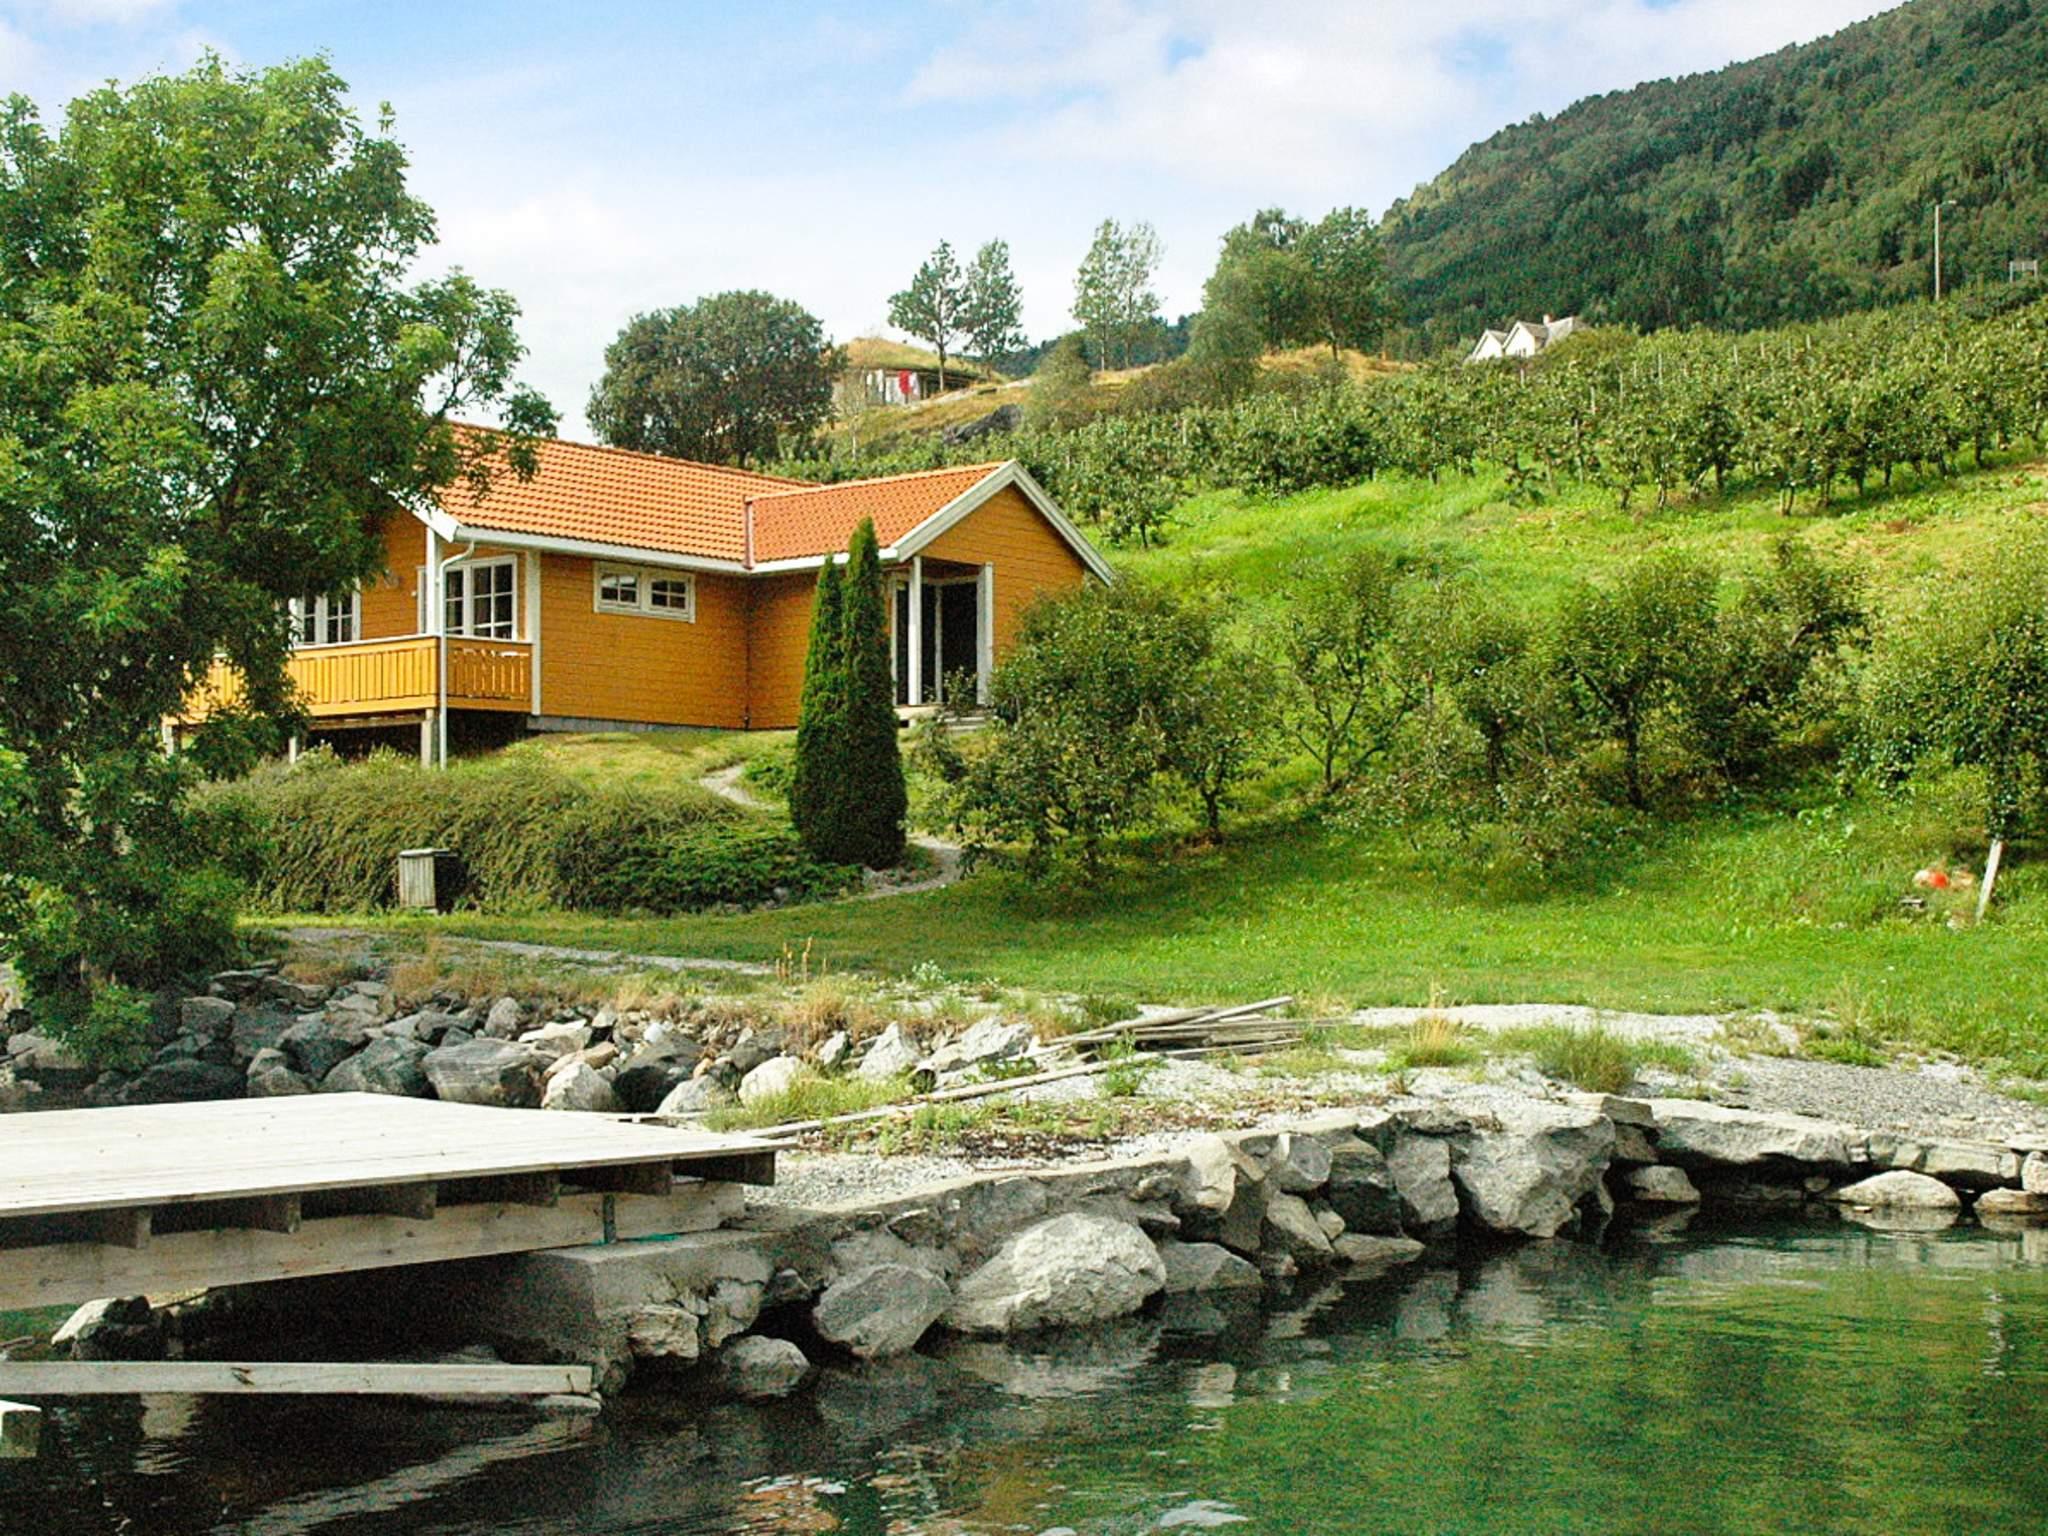 Ferienhaus Slinde (82397), Slinde, Sognefjord - Nordfjord, Westnorwegen, Norwegen, Bild 6